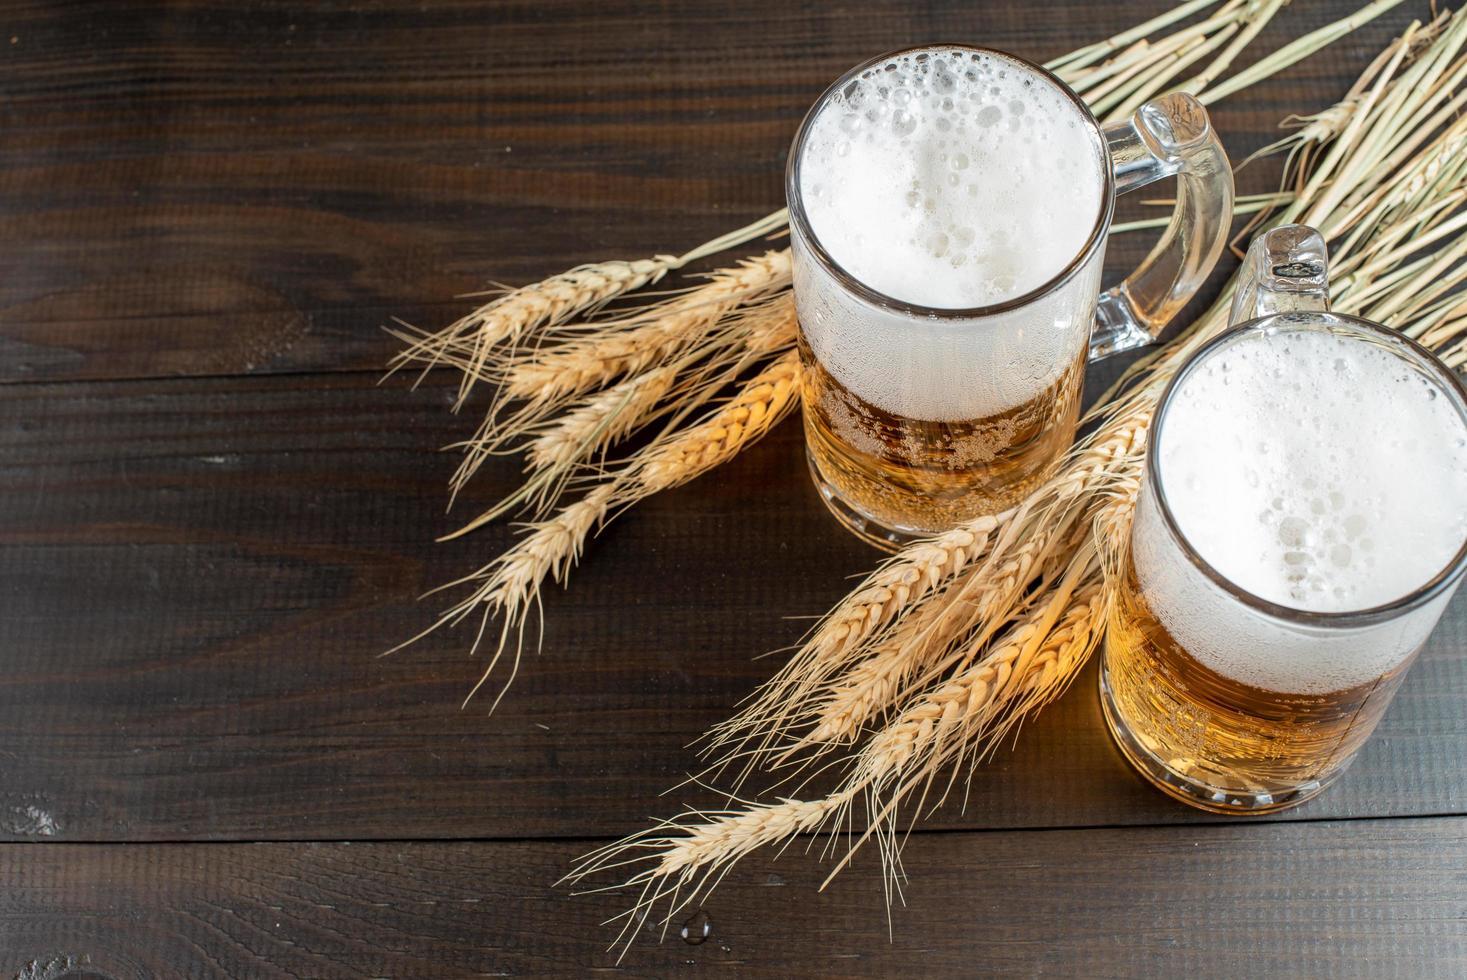 glas öl med vete stjälkar foto